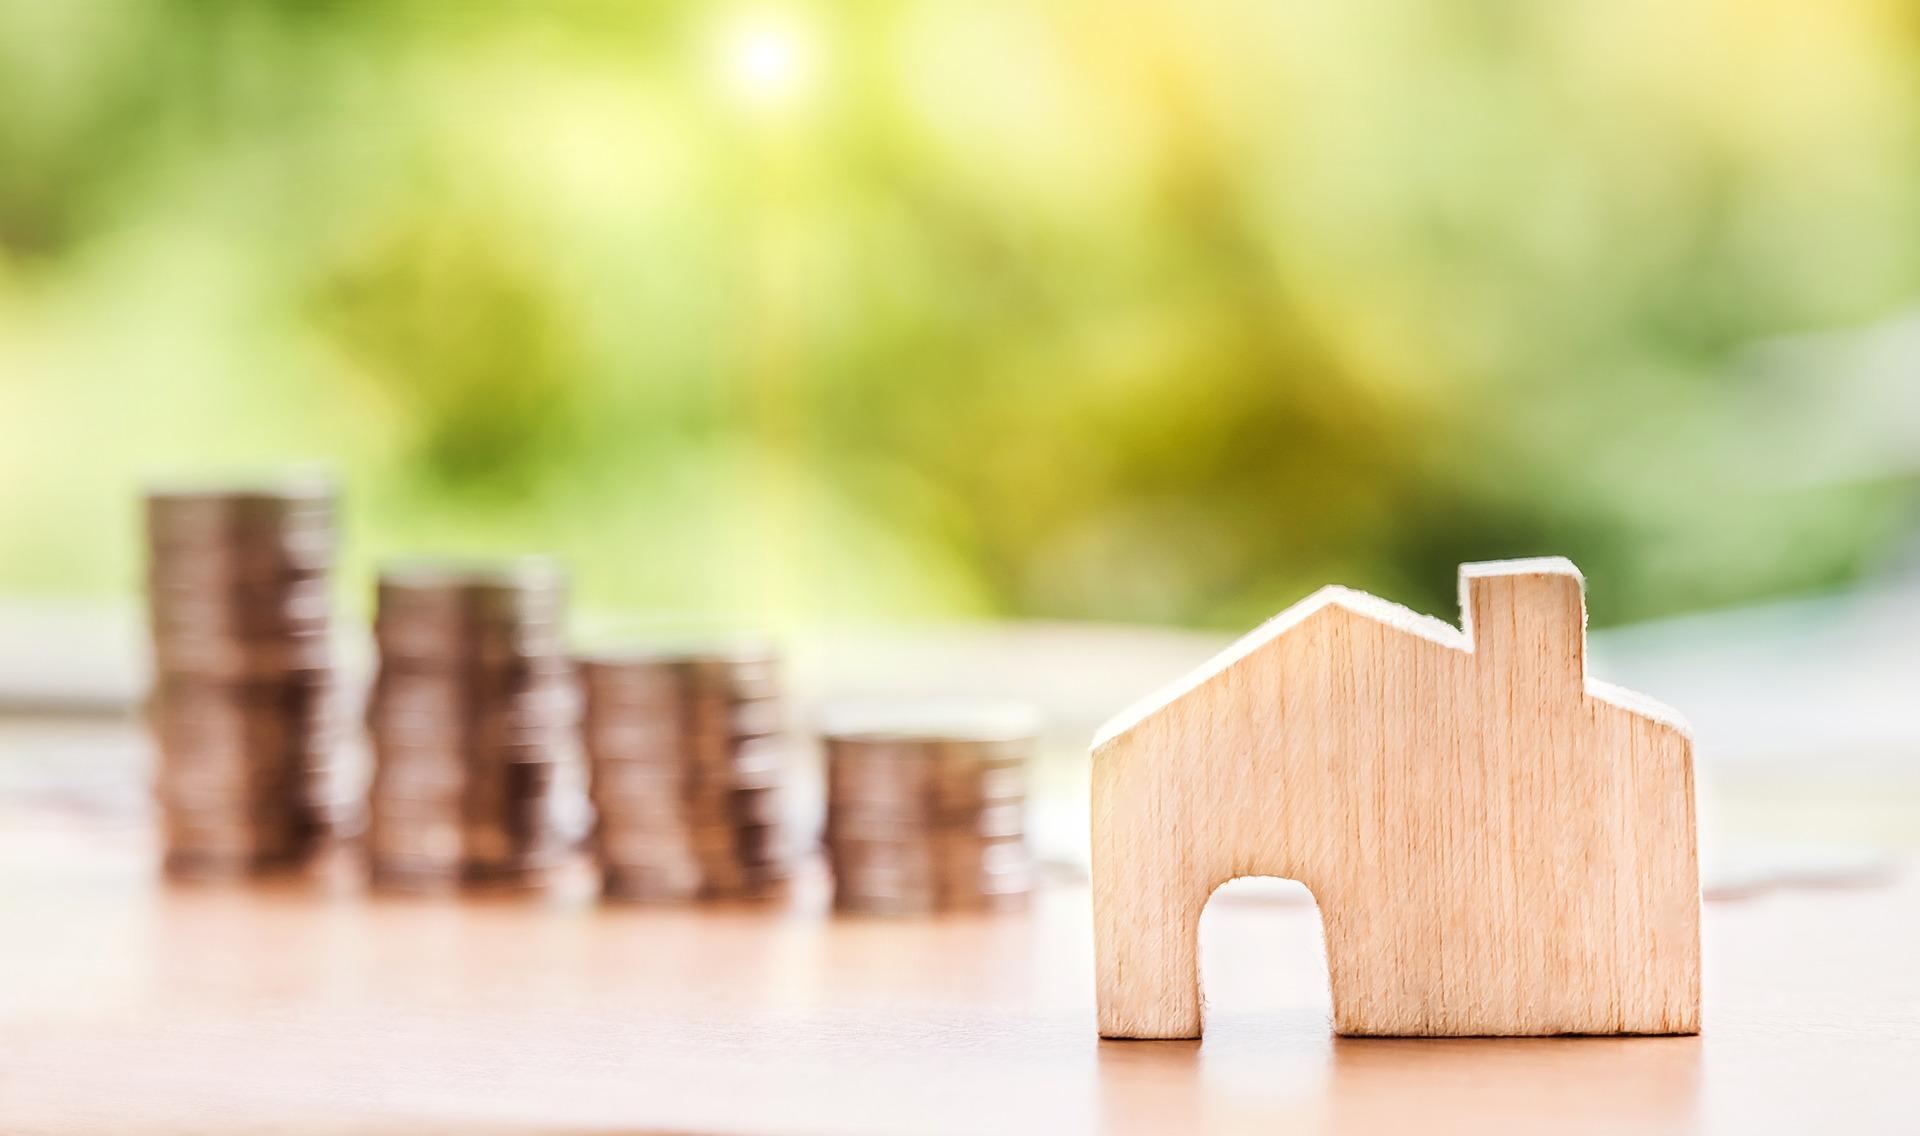 Proyecto de Ley reguladora de los contratos de crédito inmobiliario